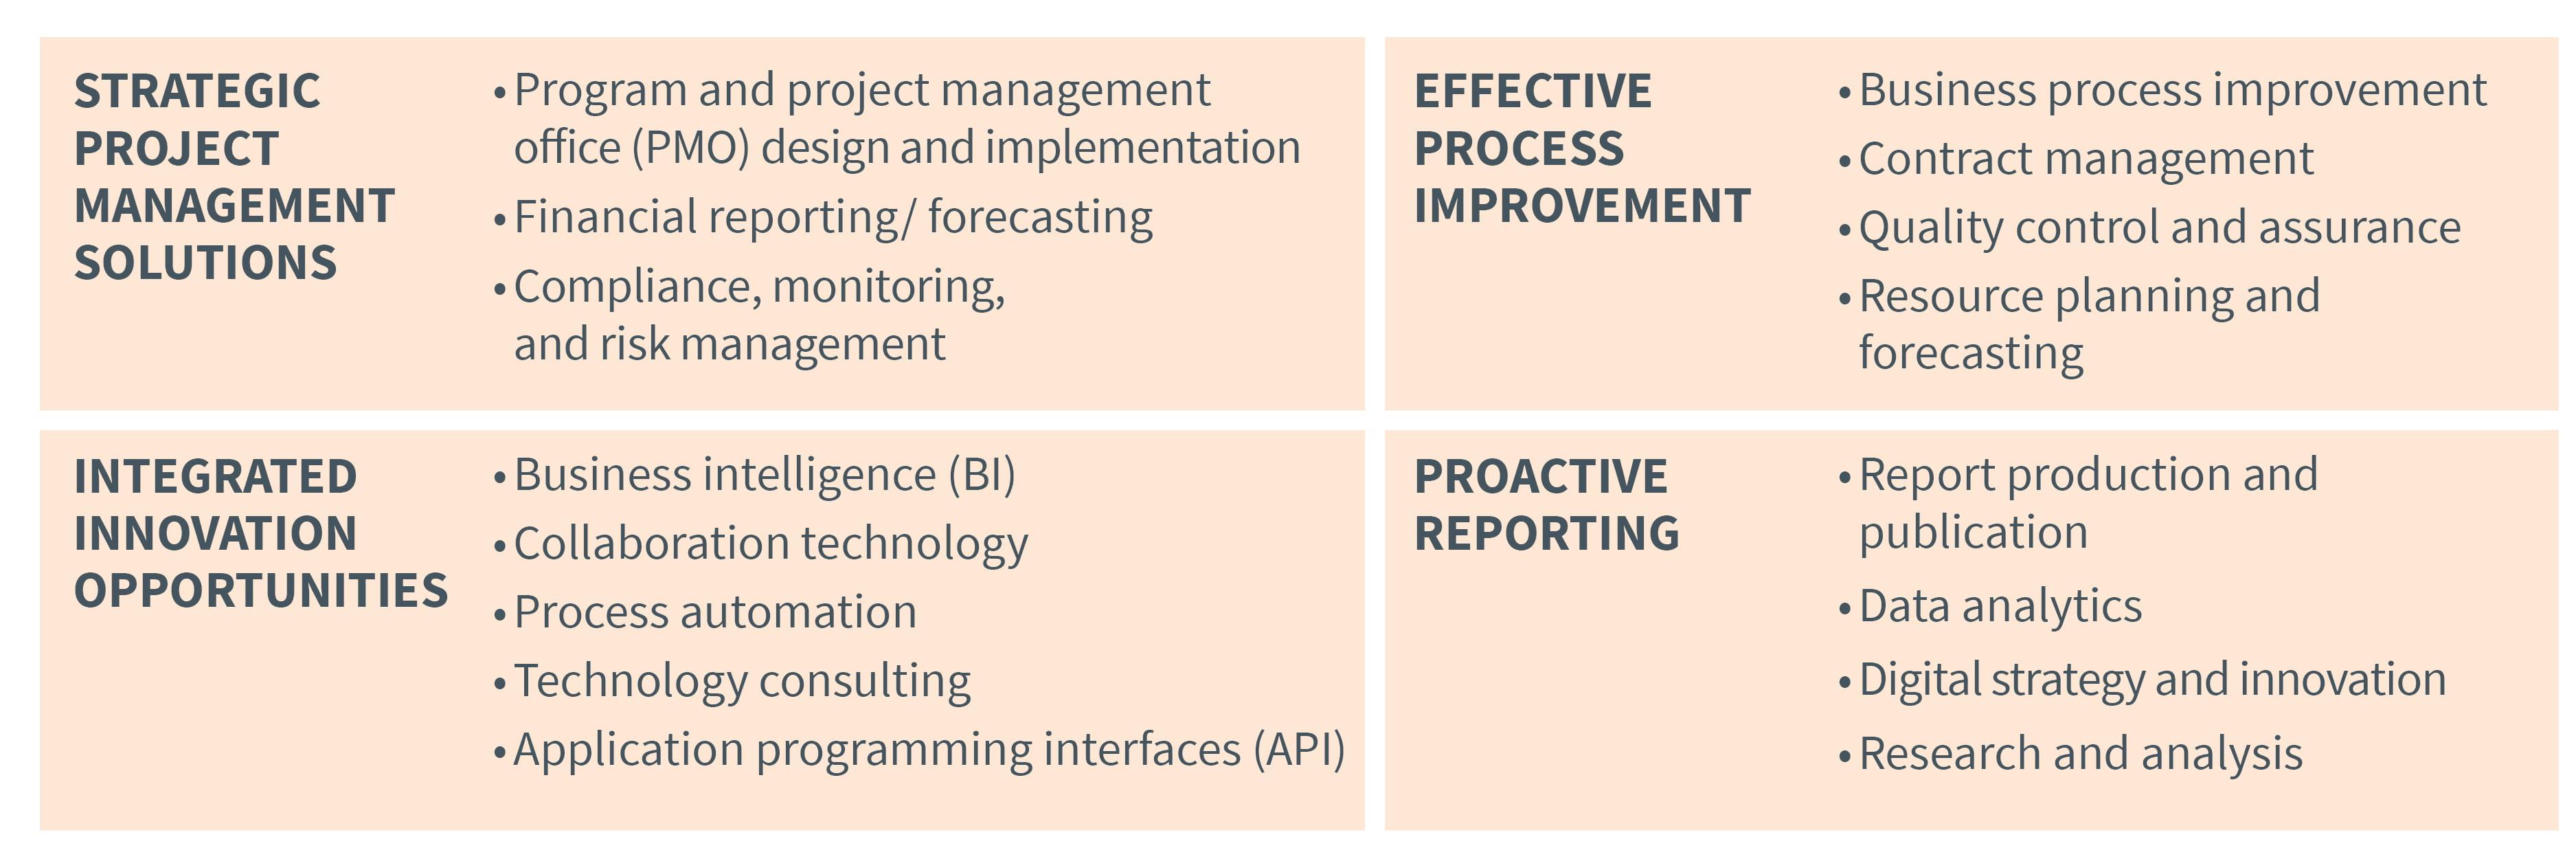 Project Managment Processes Tools